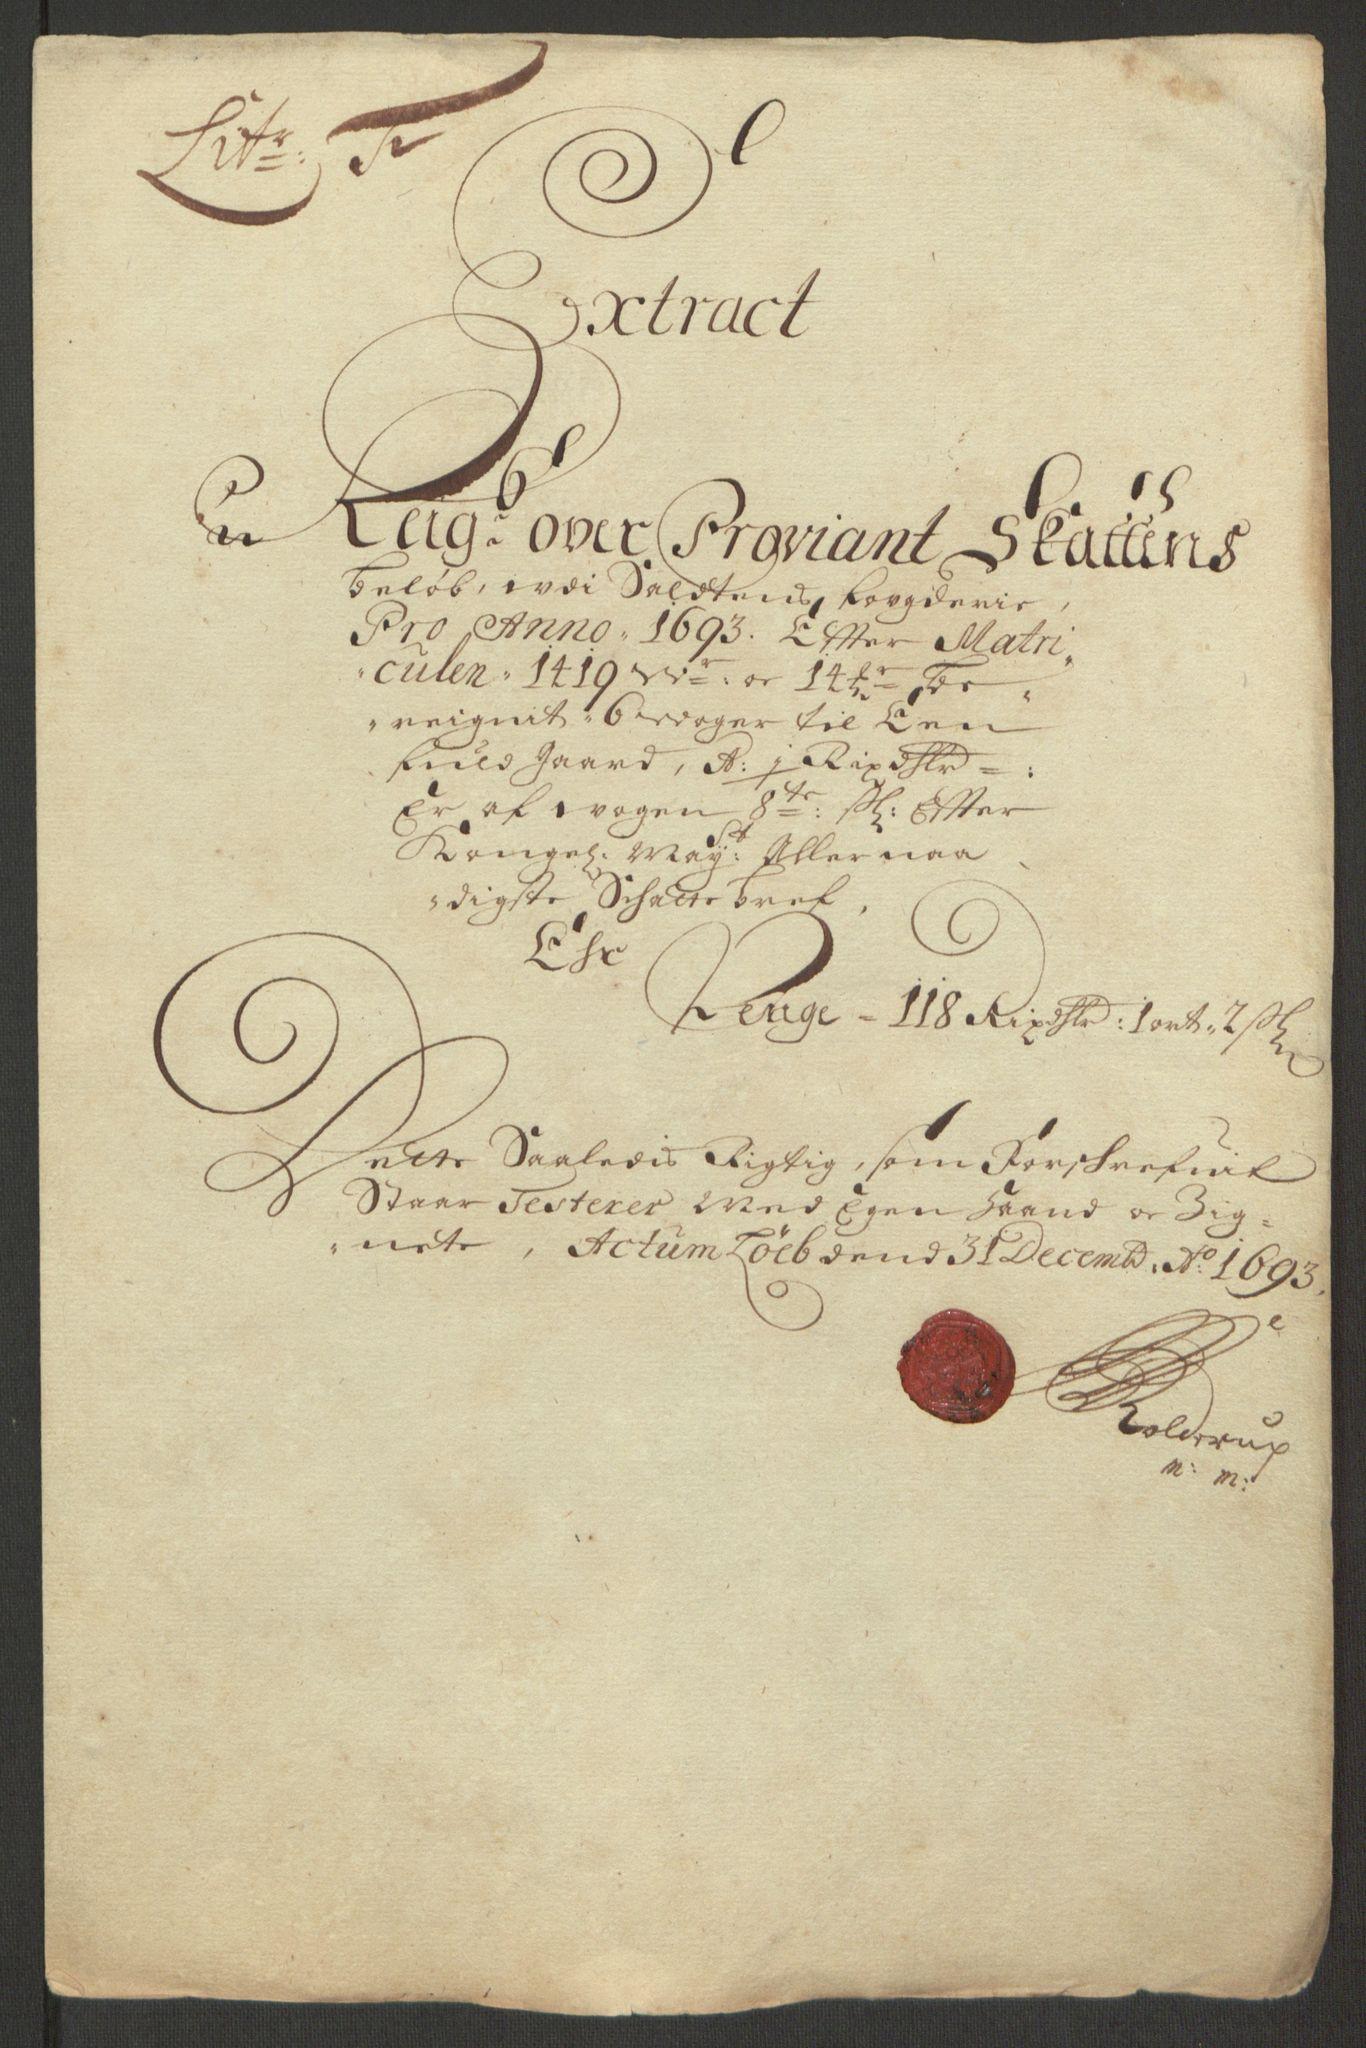 RA, Rentekammeret inntil 1814, Reviderte regnskaper, Fogderegnskap, R66/L4577: Fogderegnskap Salten, 1691-1693, s. 330